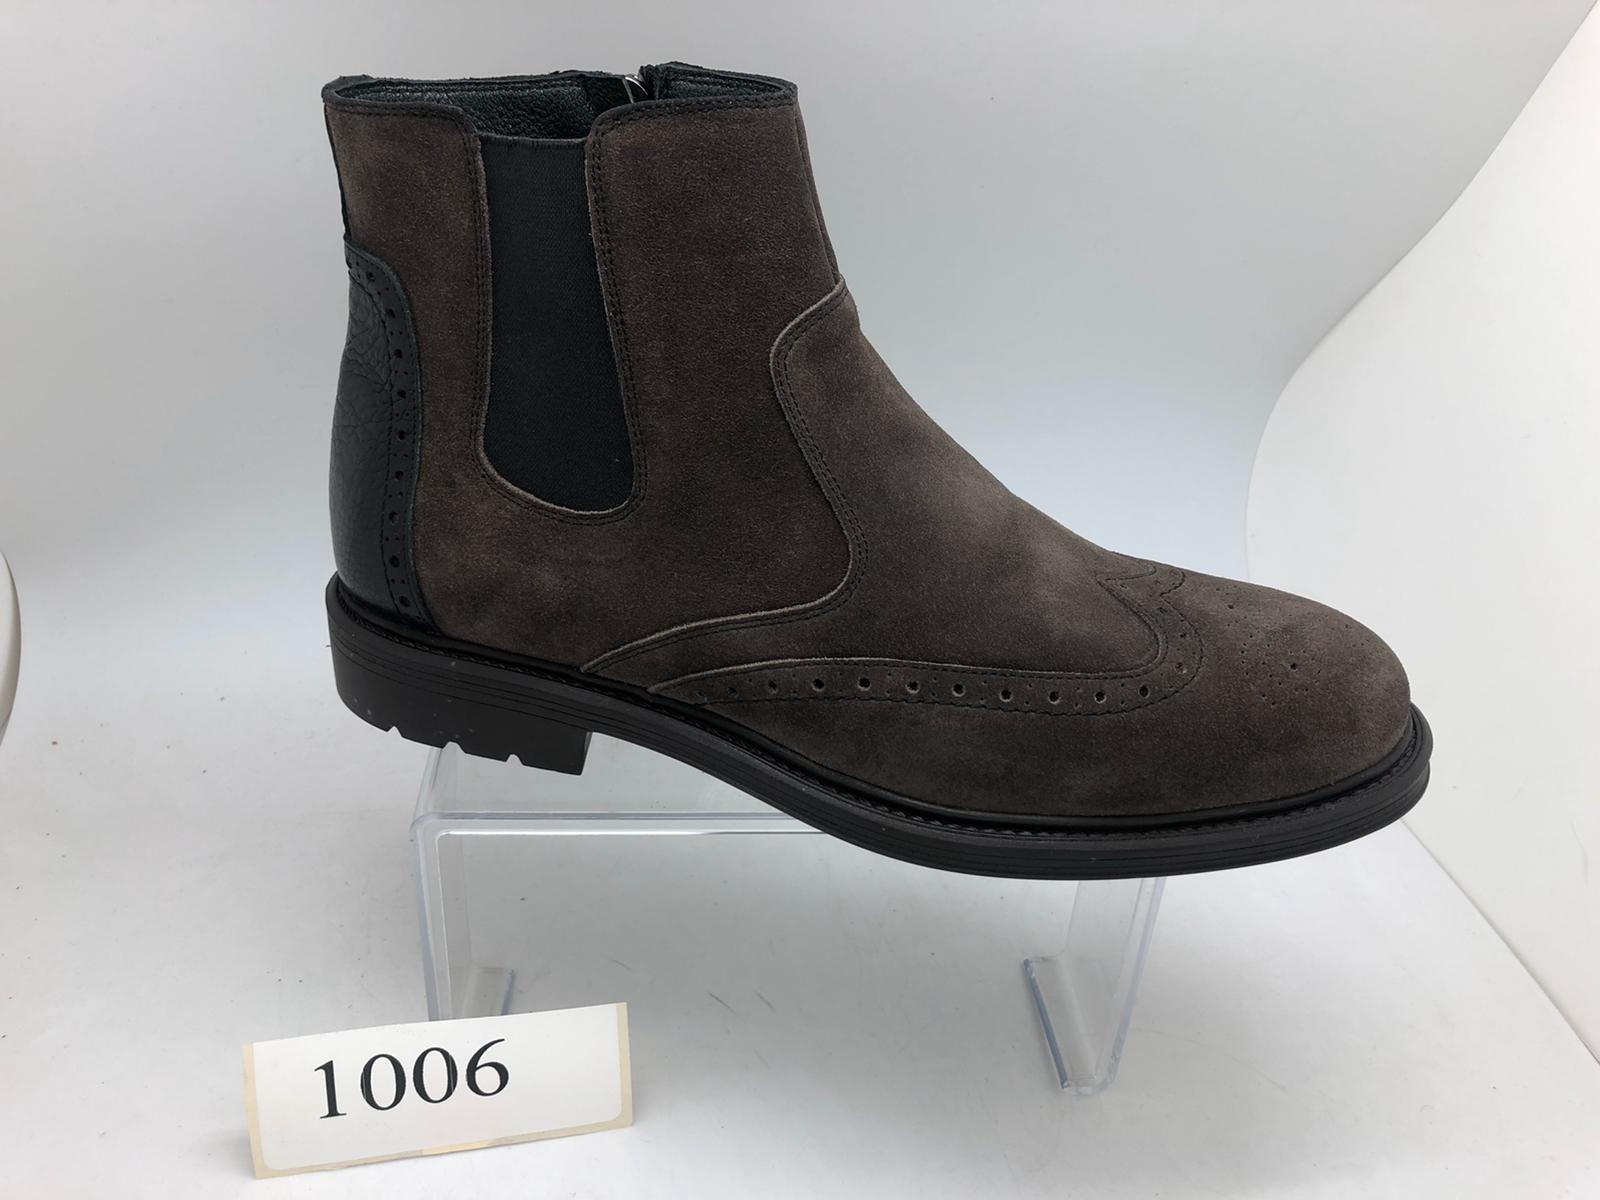 1006 Kauçuk Taban Süet bot